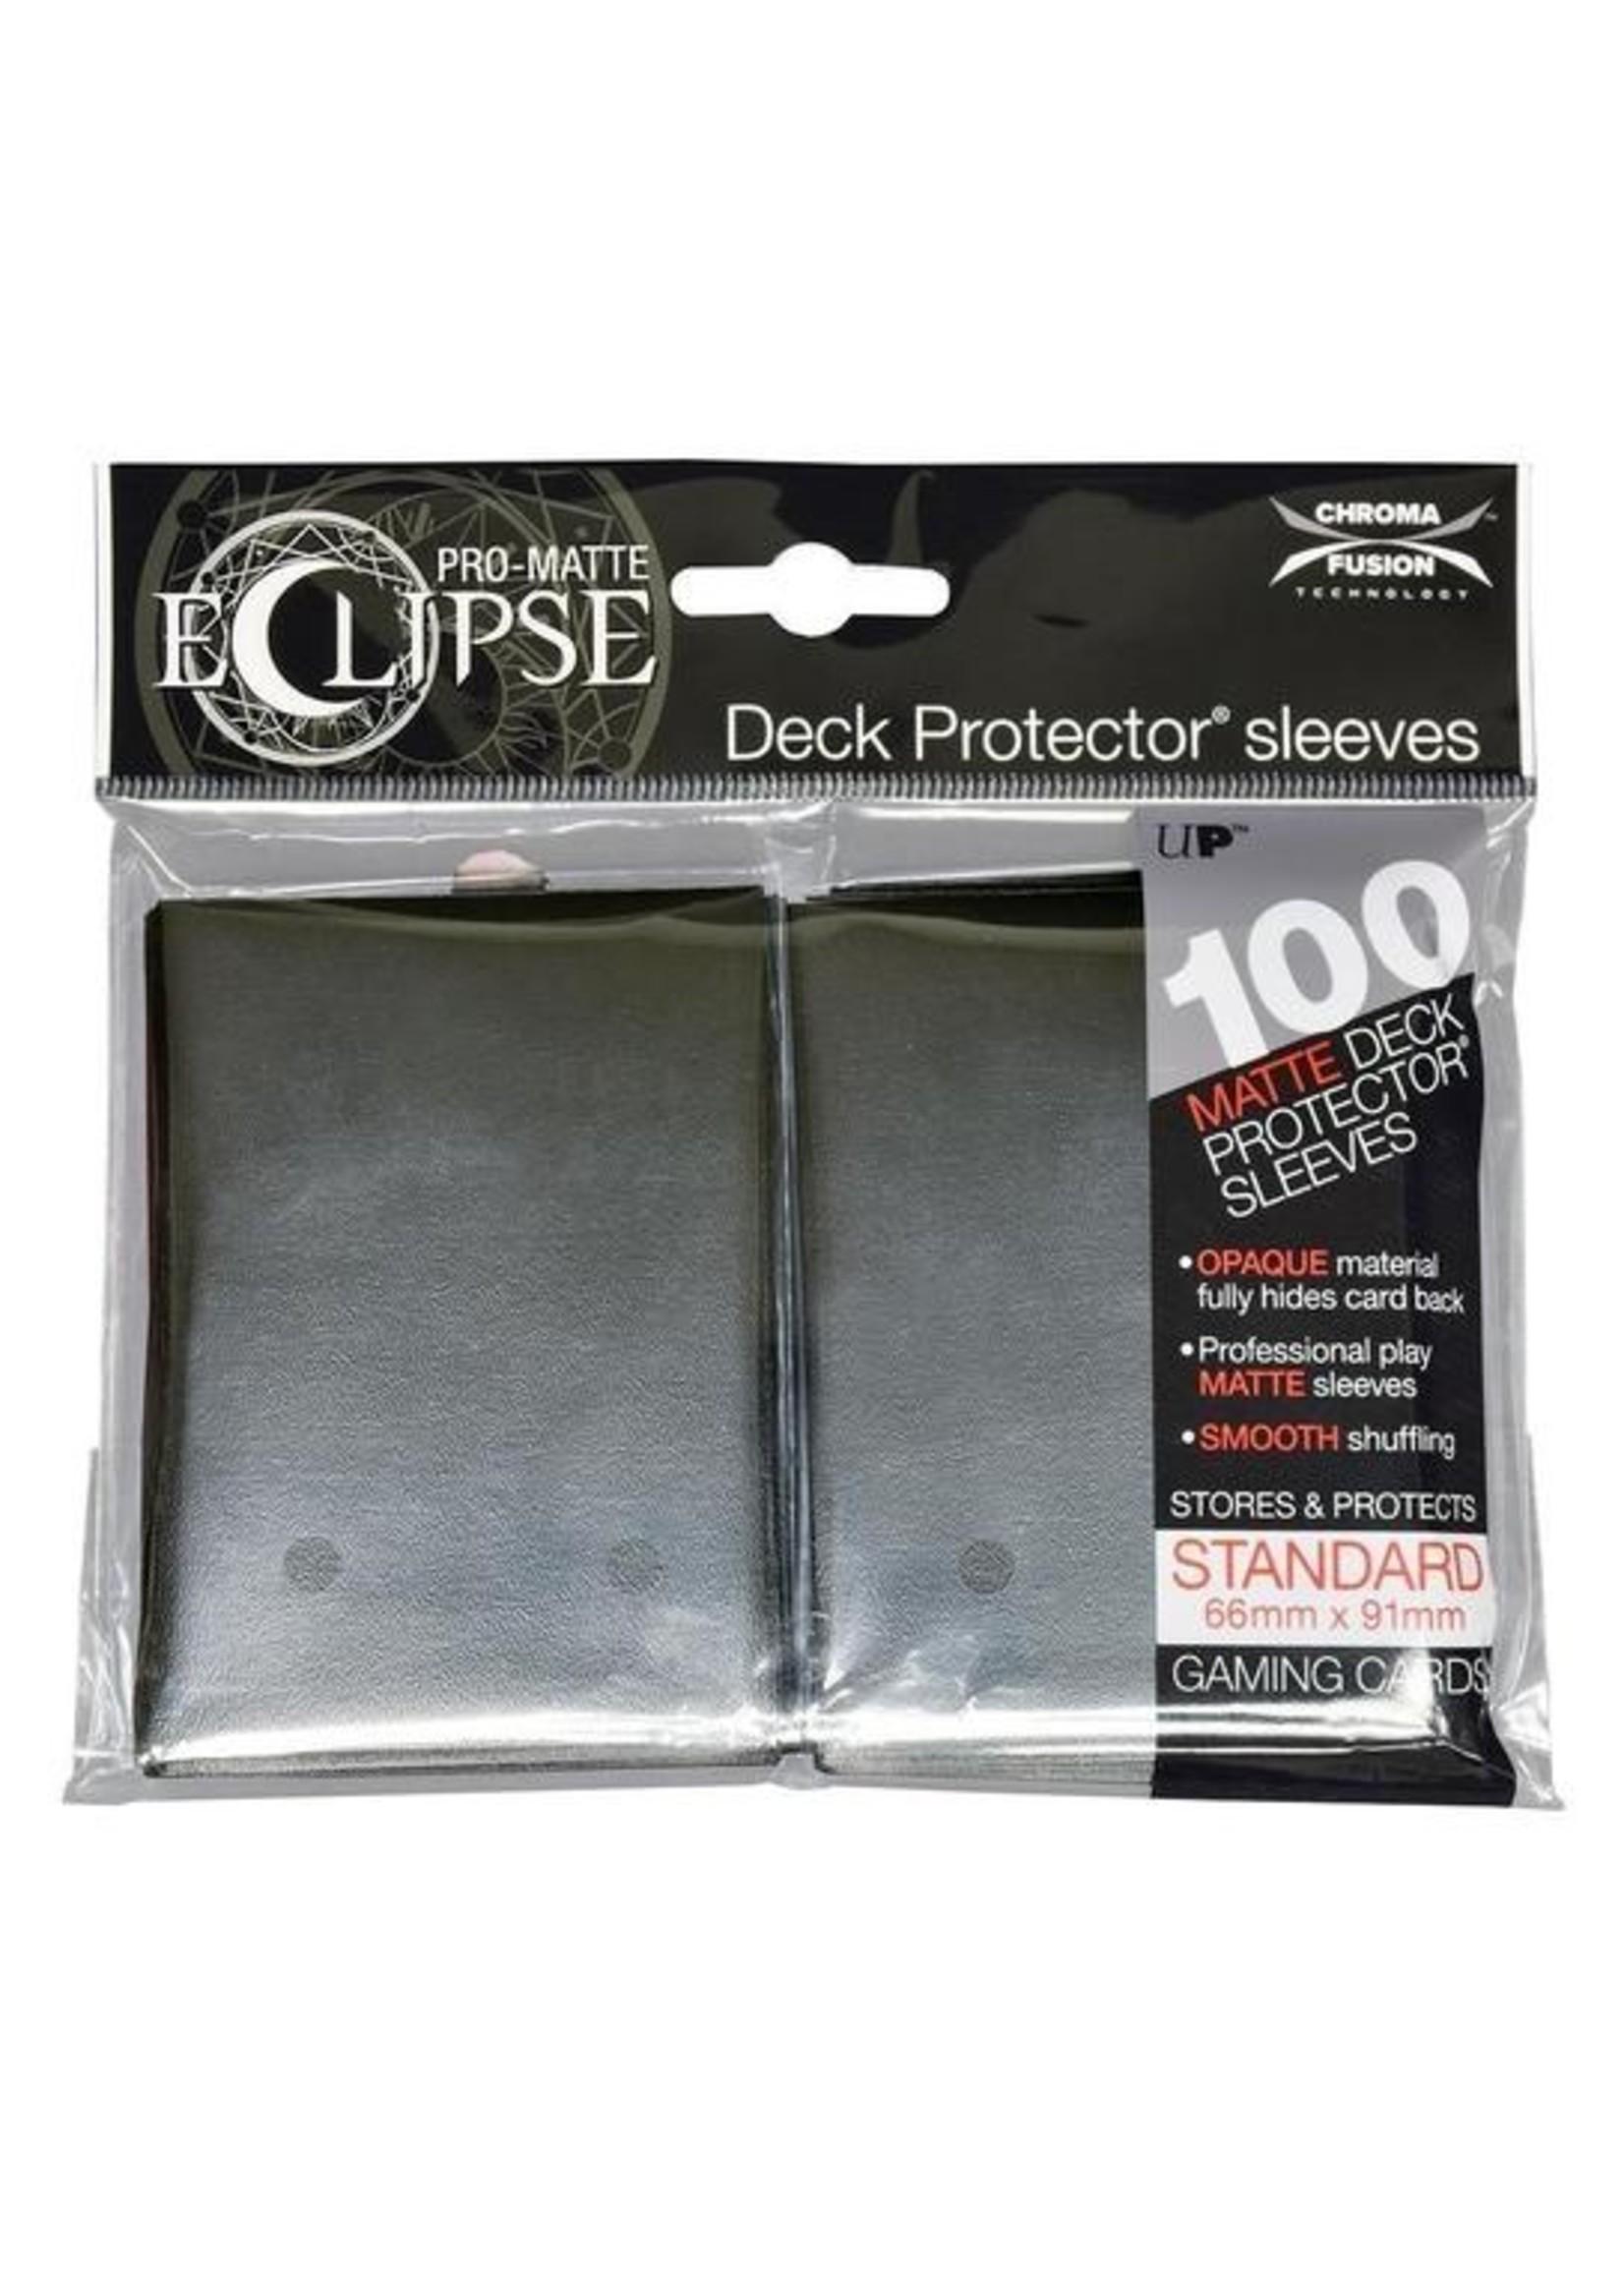 Pro-Matte Eclipse 2.0 Standard Deck Protector Sleeves: Jet Black (100)